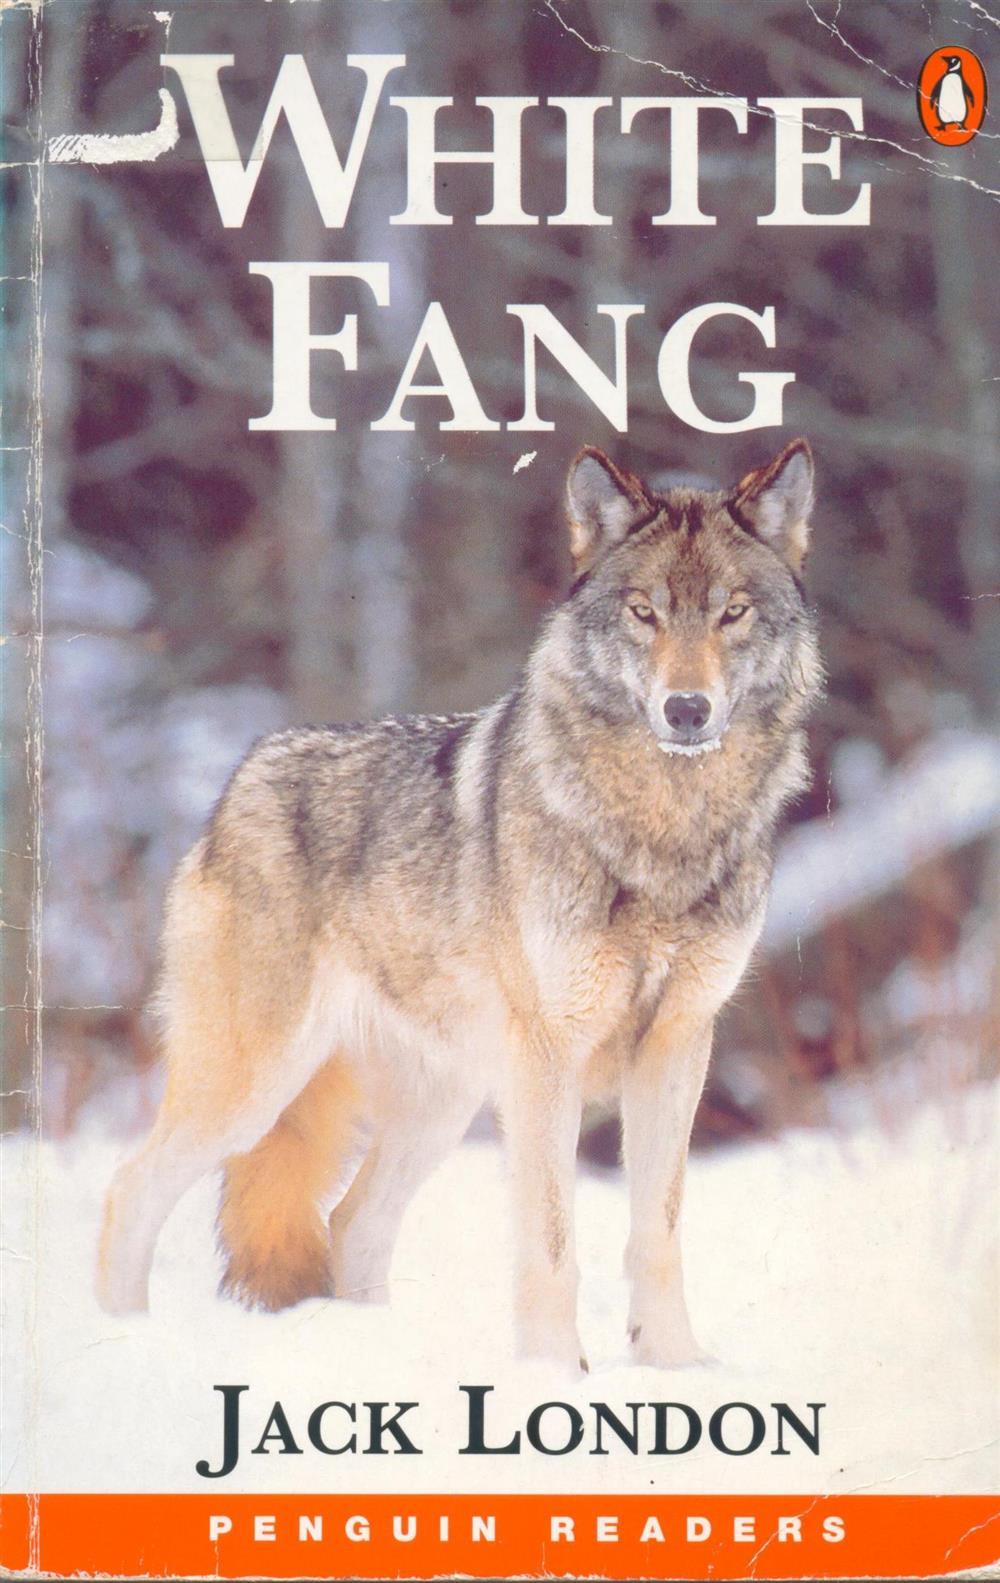 White fang 001.jpg